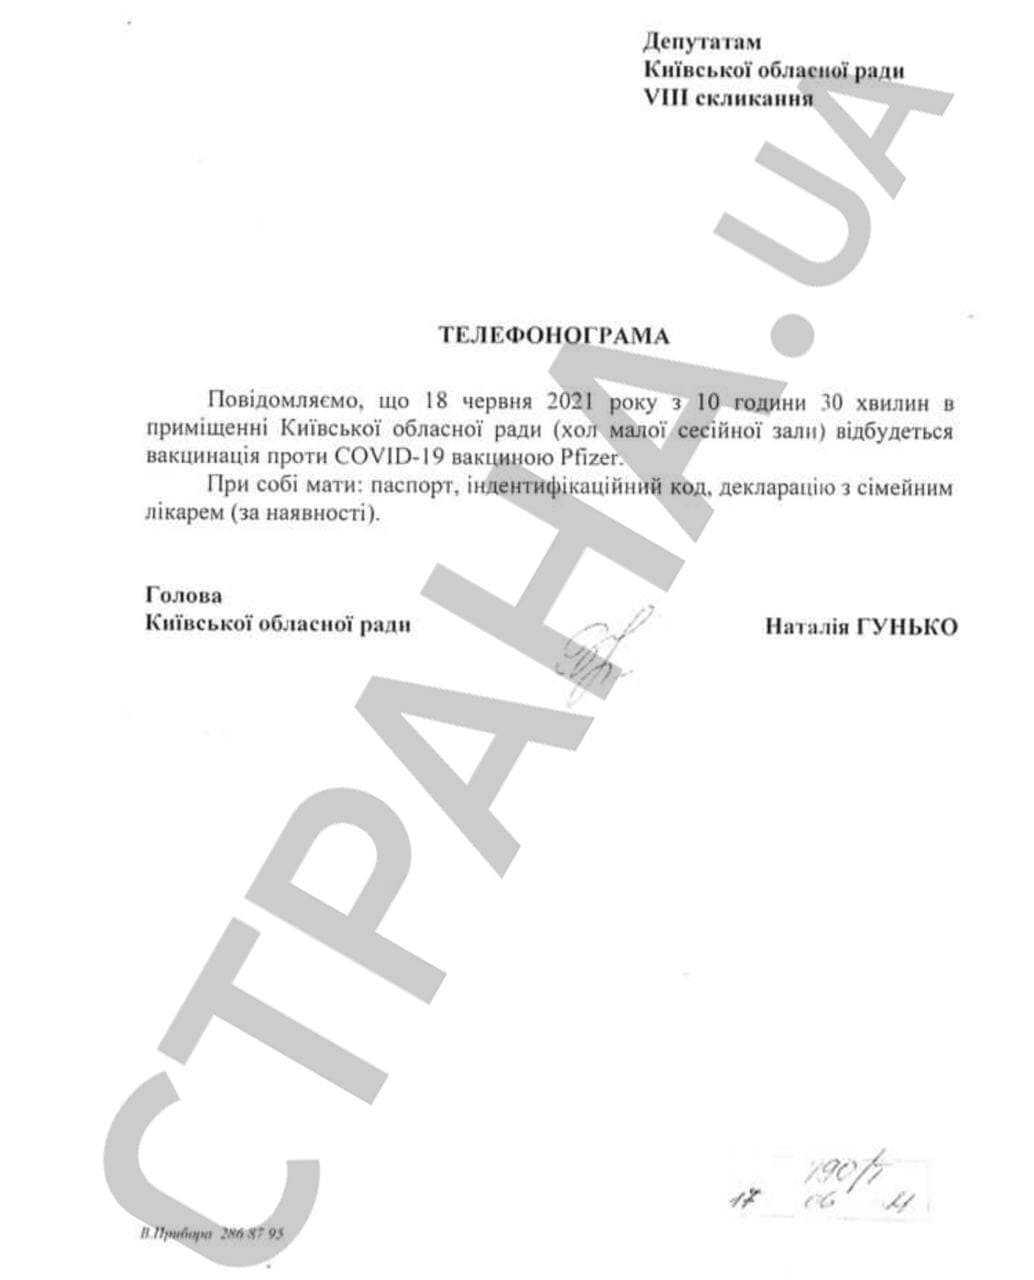 Депутатов Киевсовета вслед за нардепами из Верховной рады начали прививать американской вакциной Pfizer